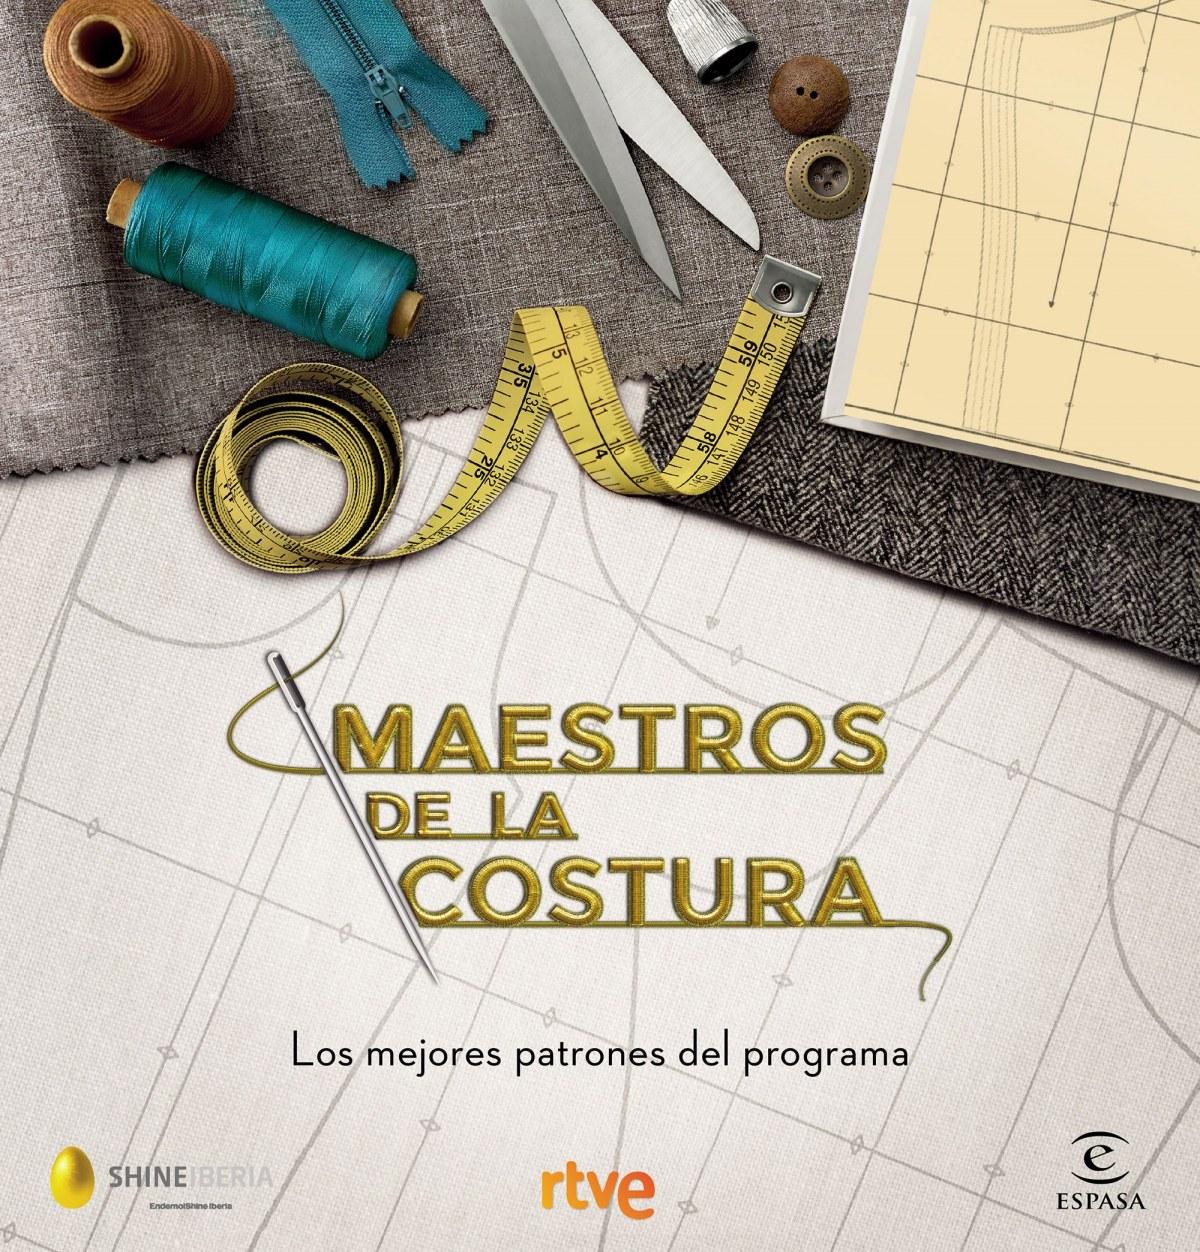 Maestros de la costura. Los mejores patrones del programa 9788467058024